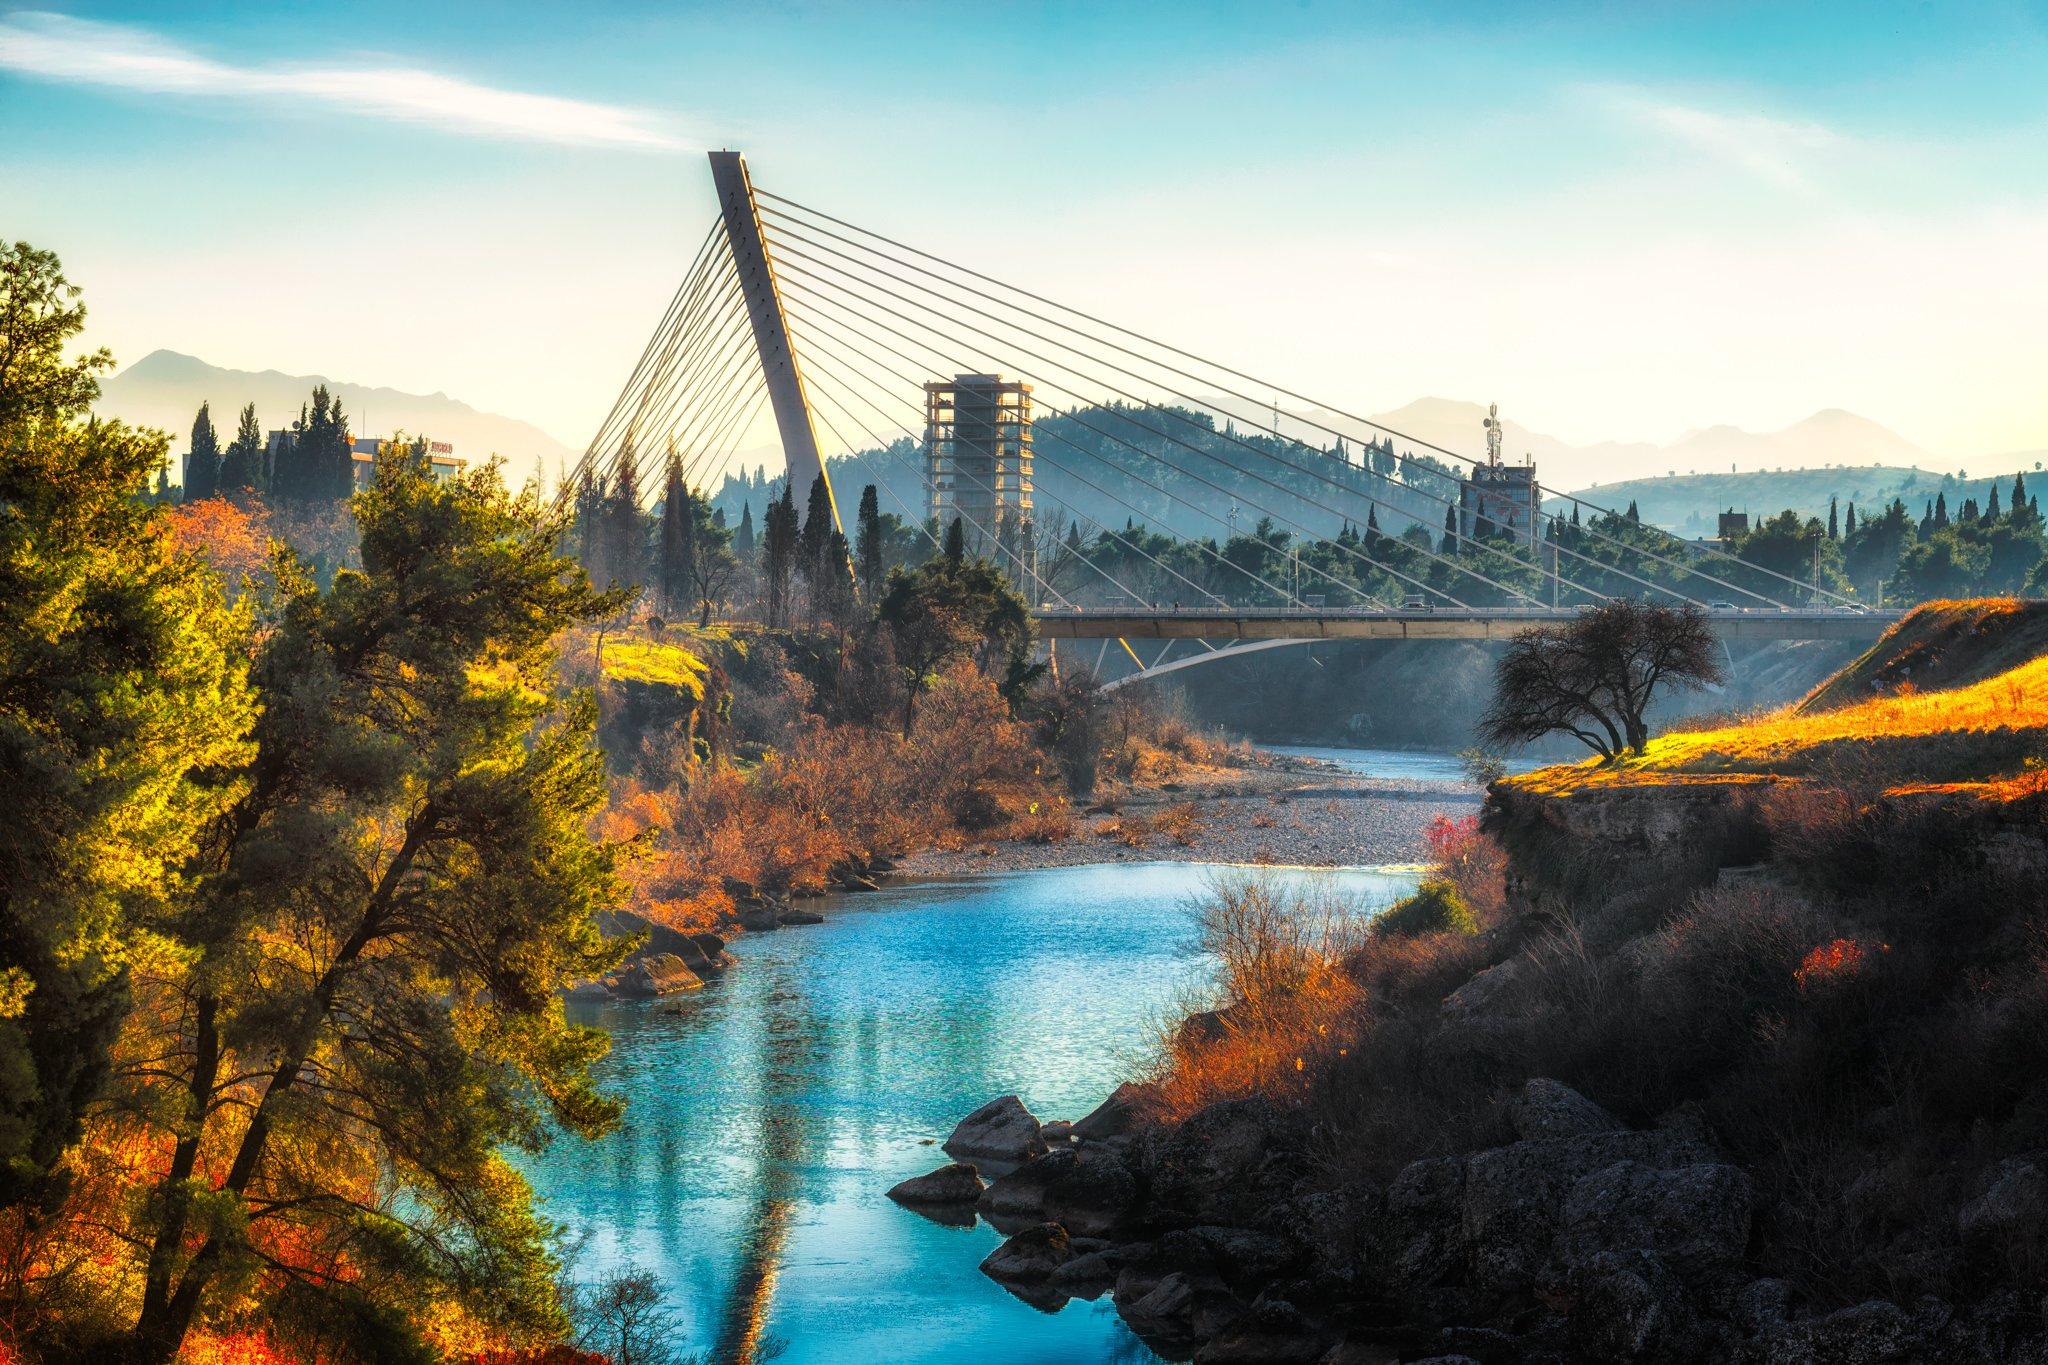 Podgorica Millennium-Brücke, Montenegro.